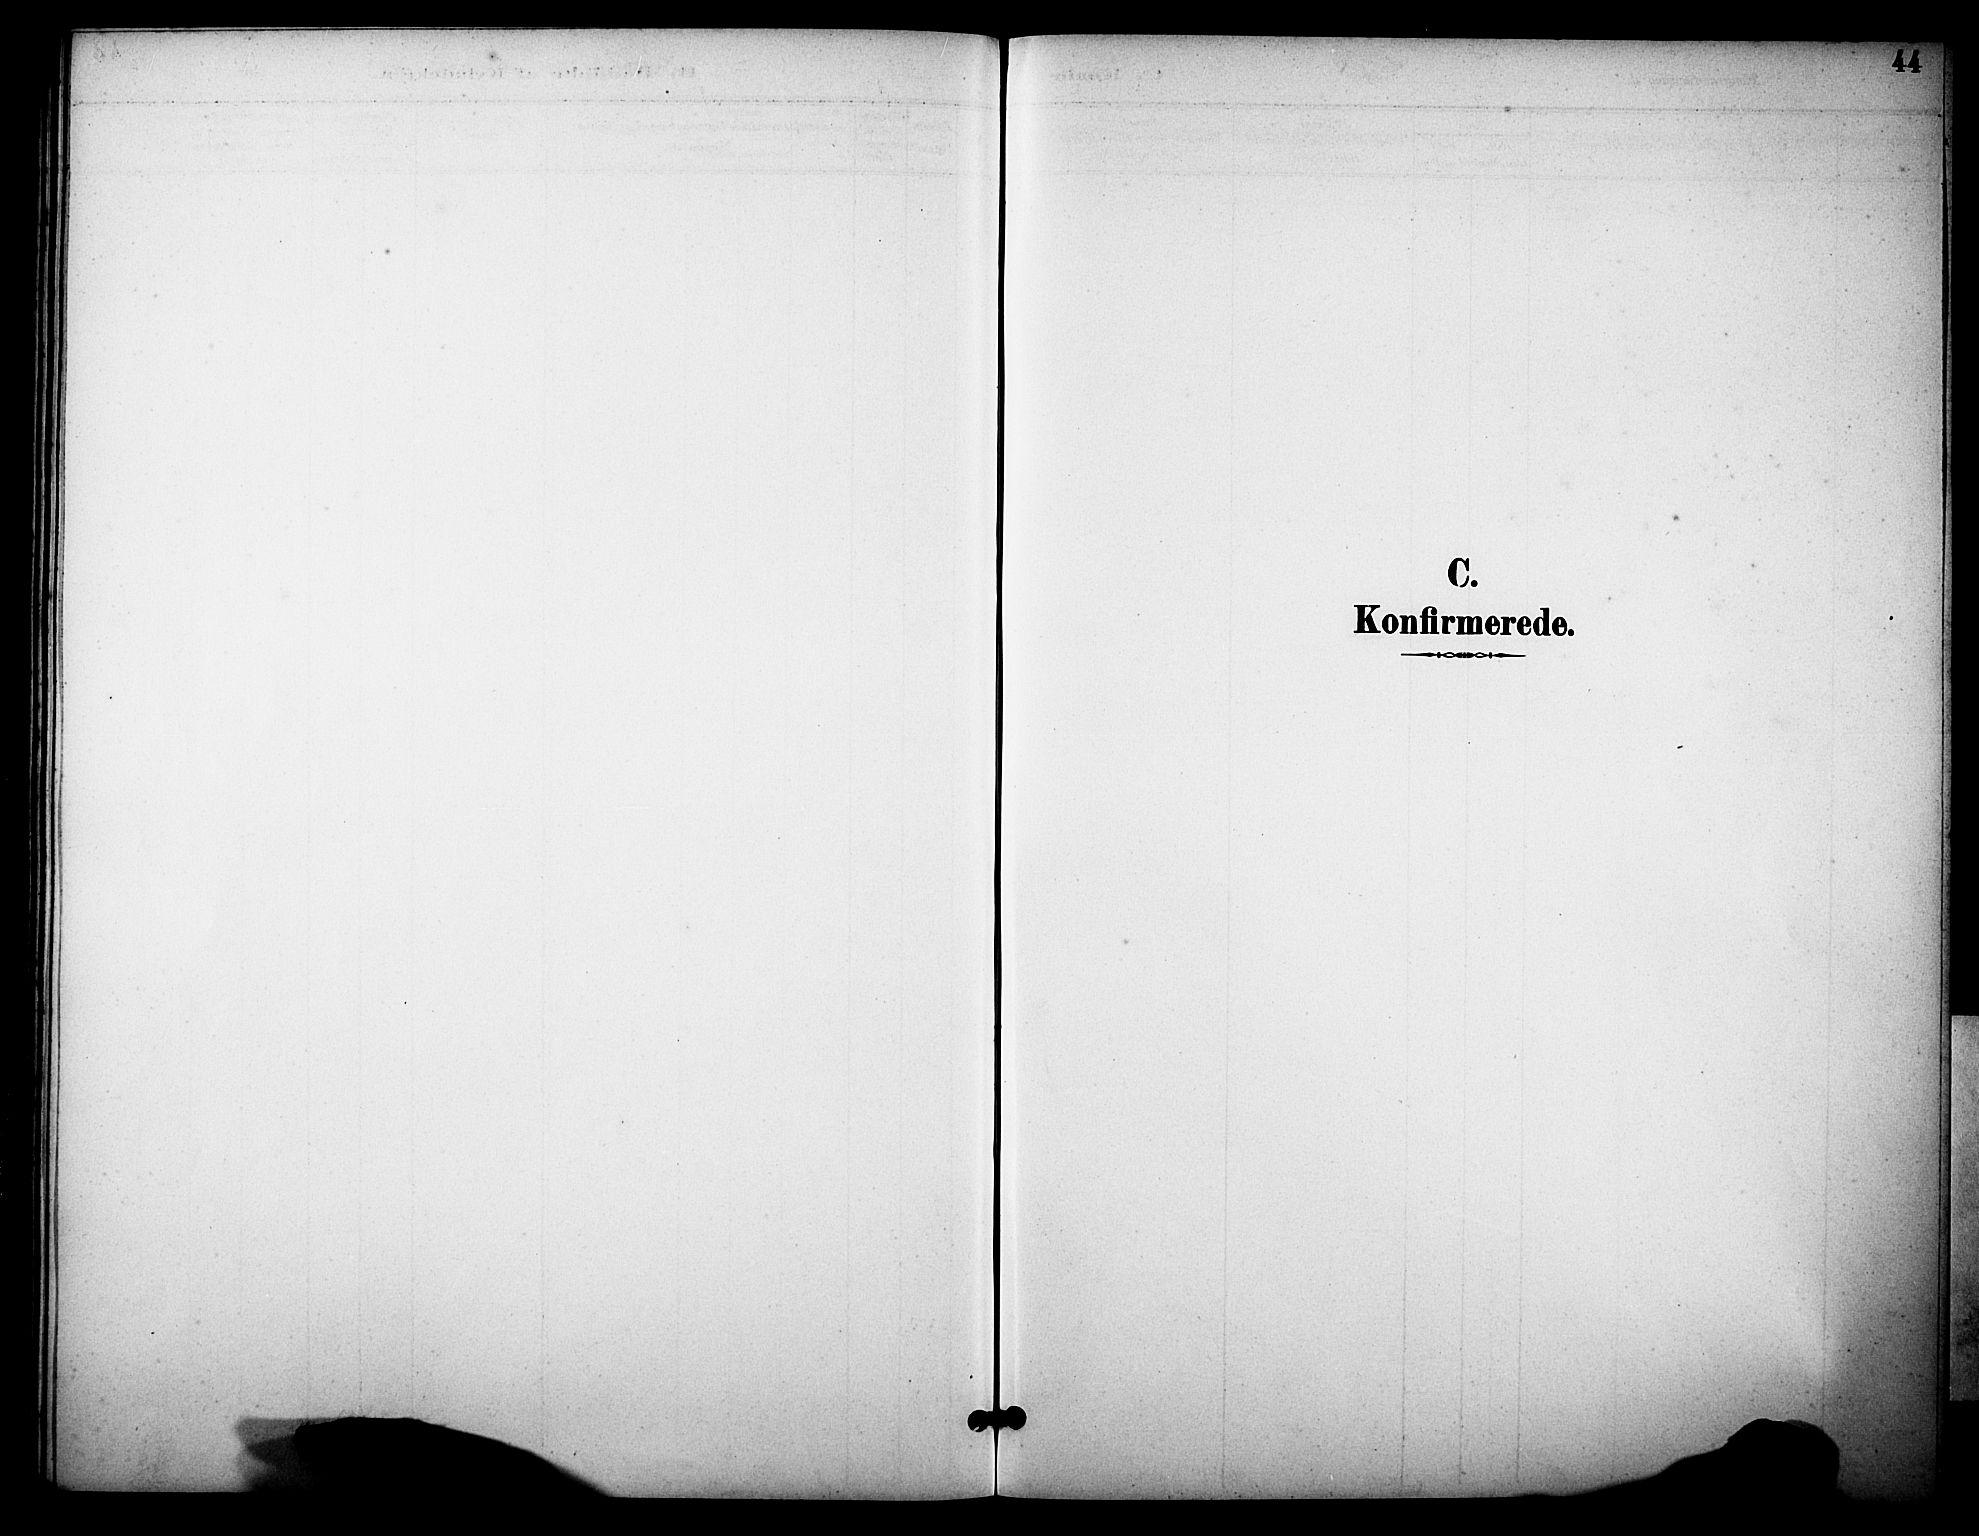 SAKO, Skåtøy kirkebøker, G/Gb/L0001: Klokkerbok nr. II 1, 1892-1916, s. 44